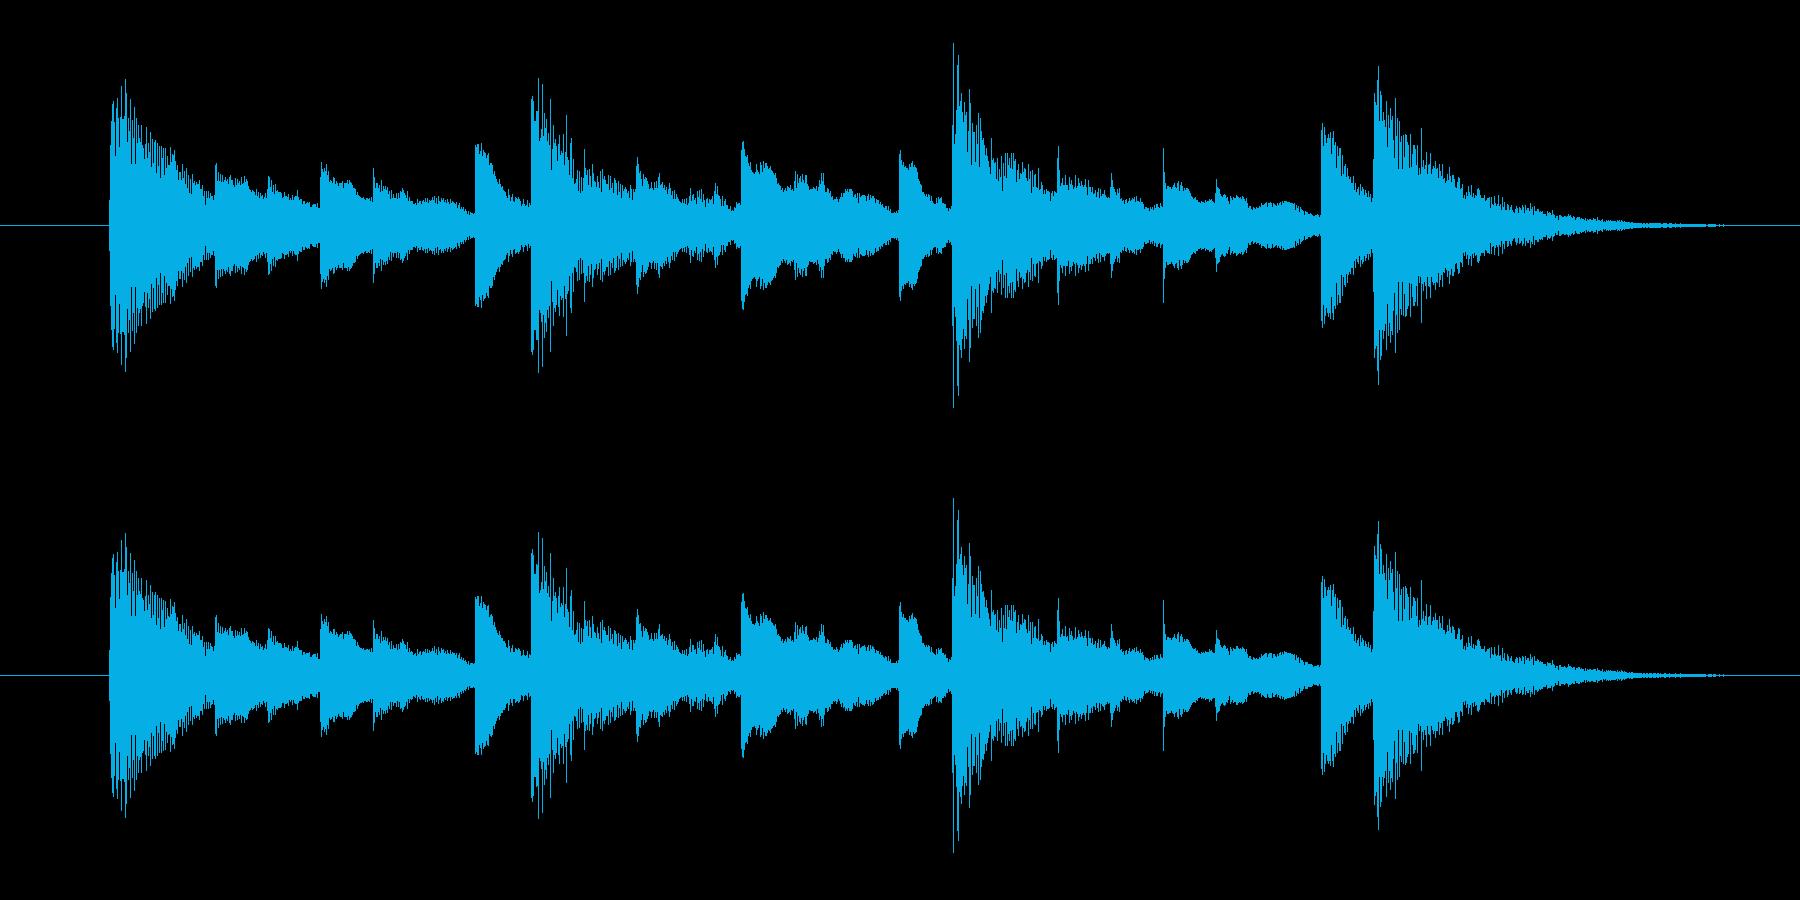 お知らせ音・合図の音の再生済みの波形